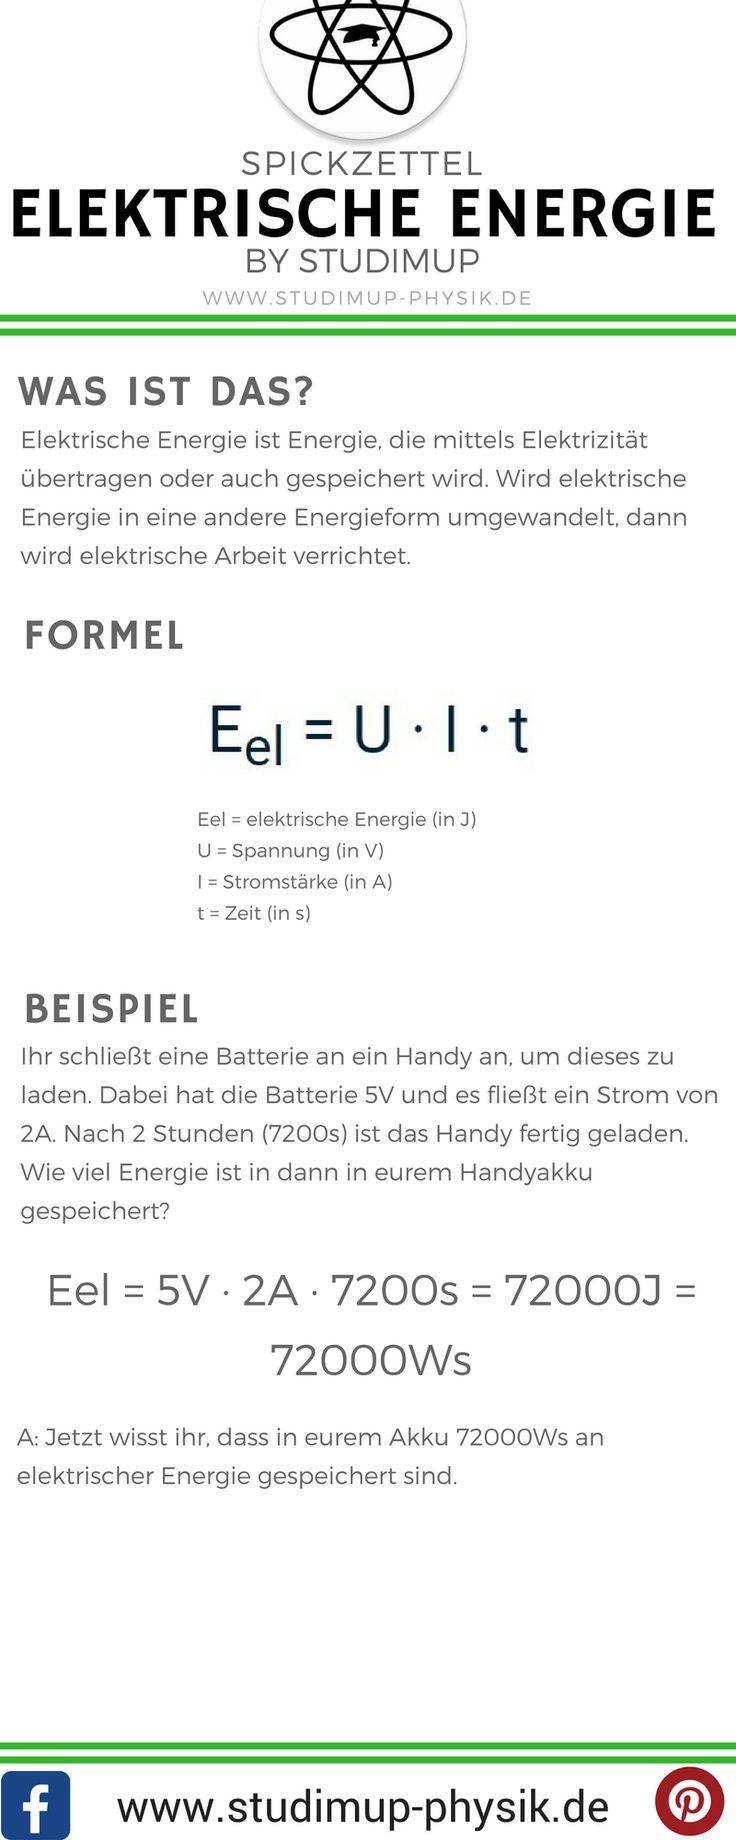 Physik Spickzettel zur elektrischen Energie. Mit Formel und Beispielaufgabe. Einfach lernen mit Studimup.